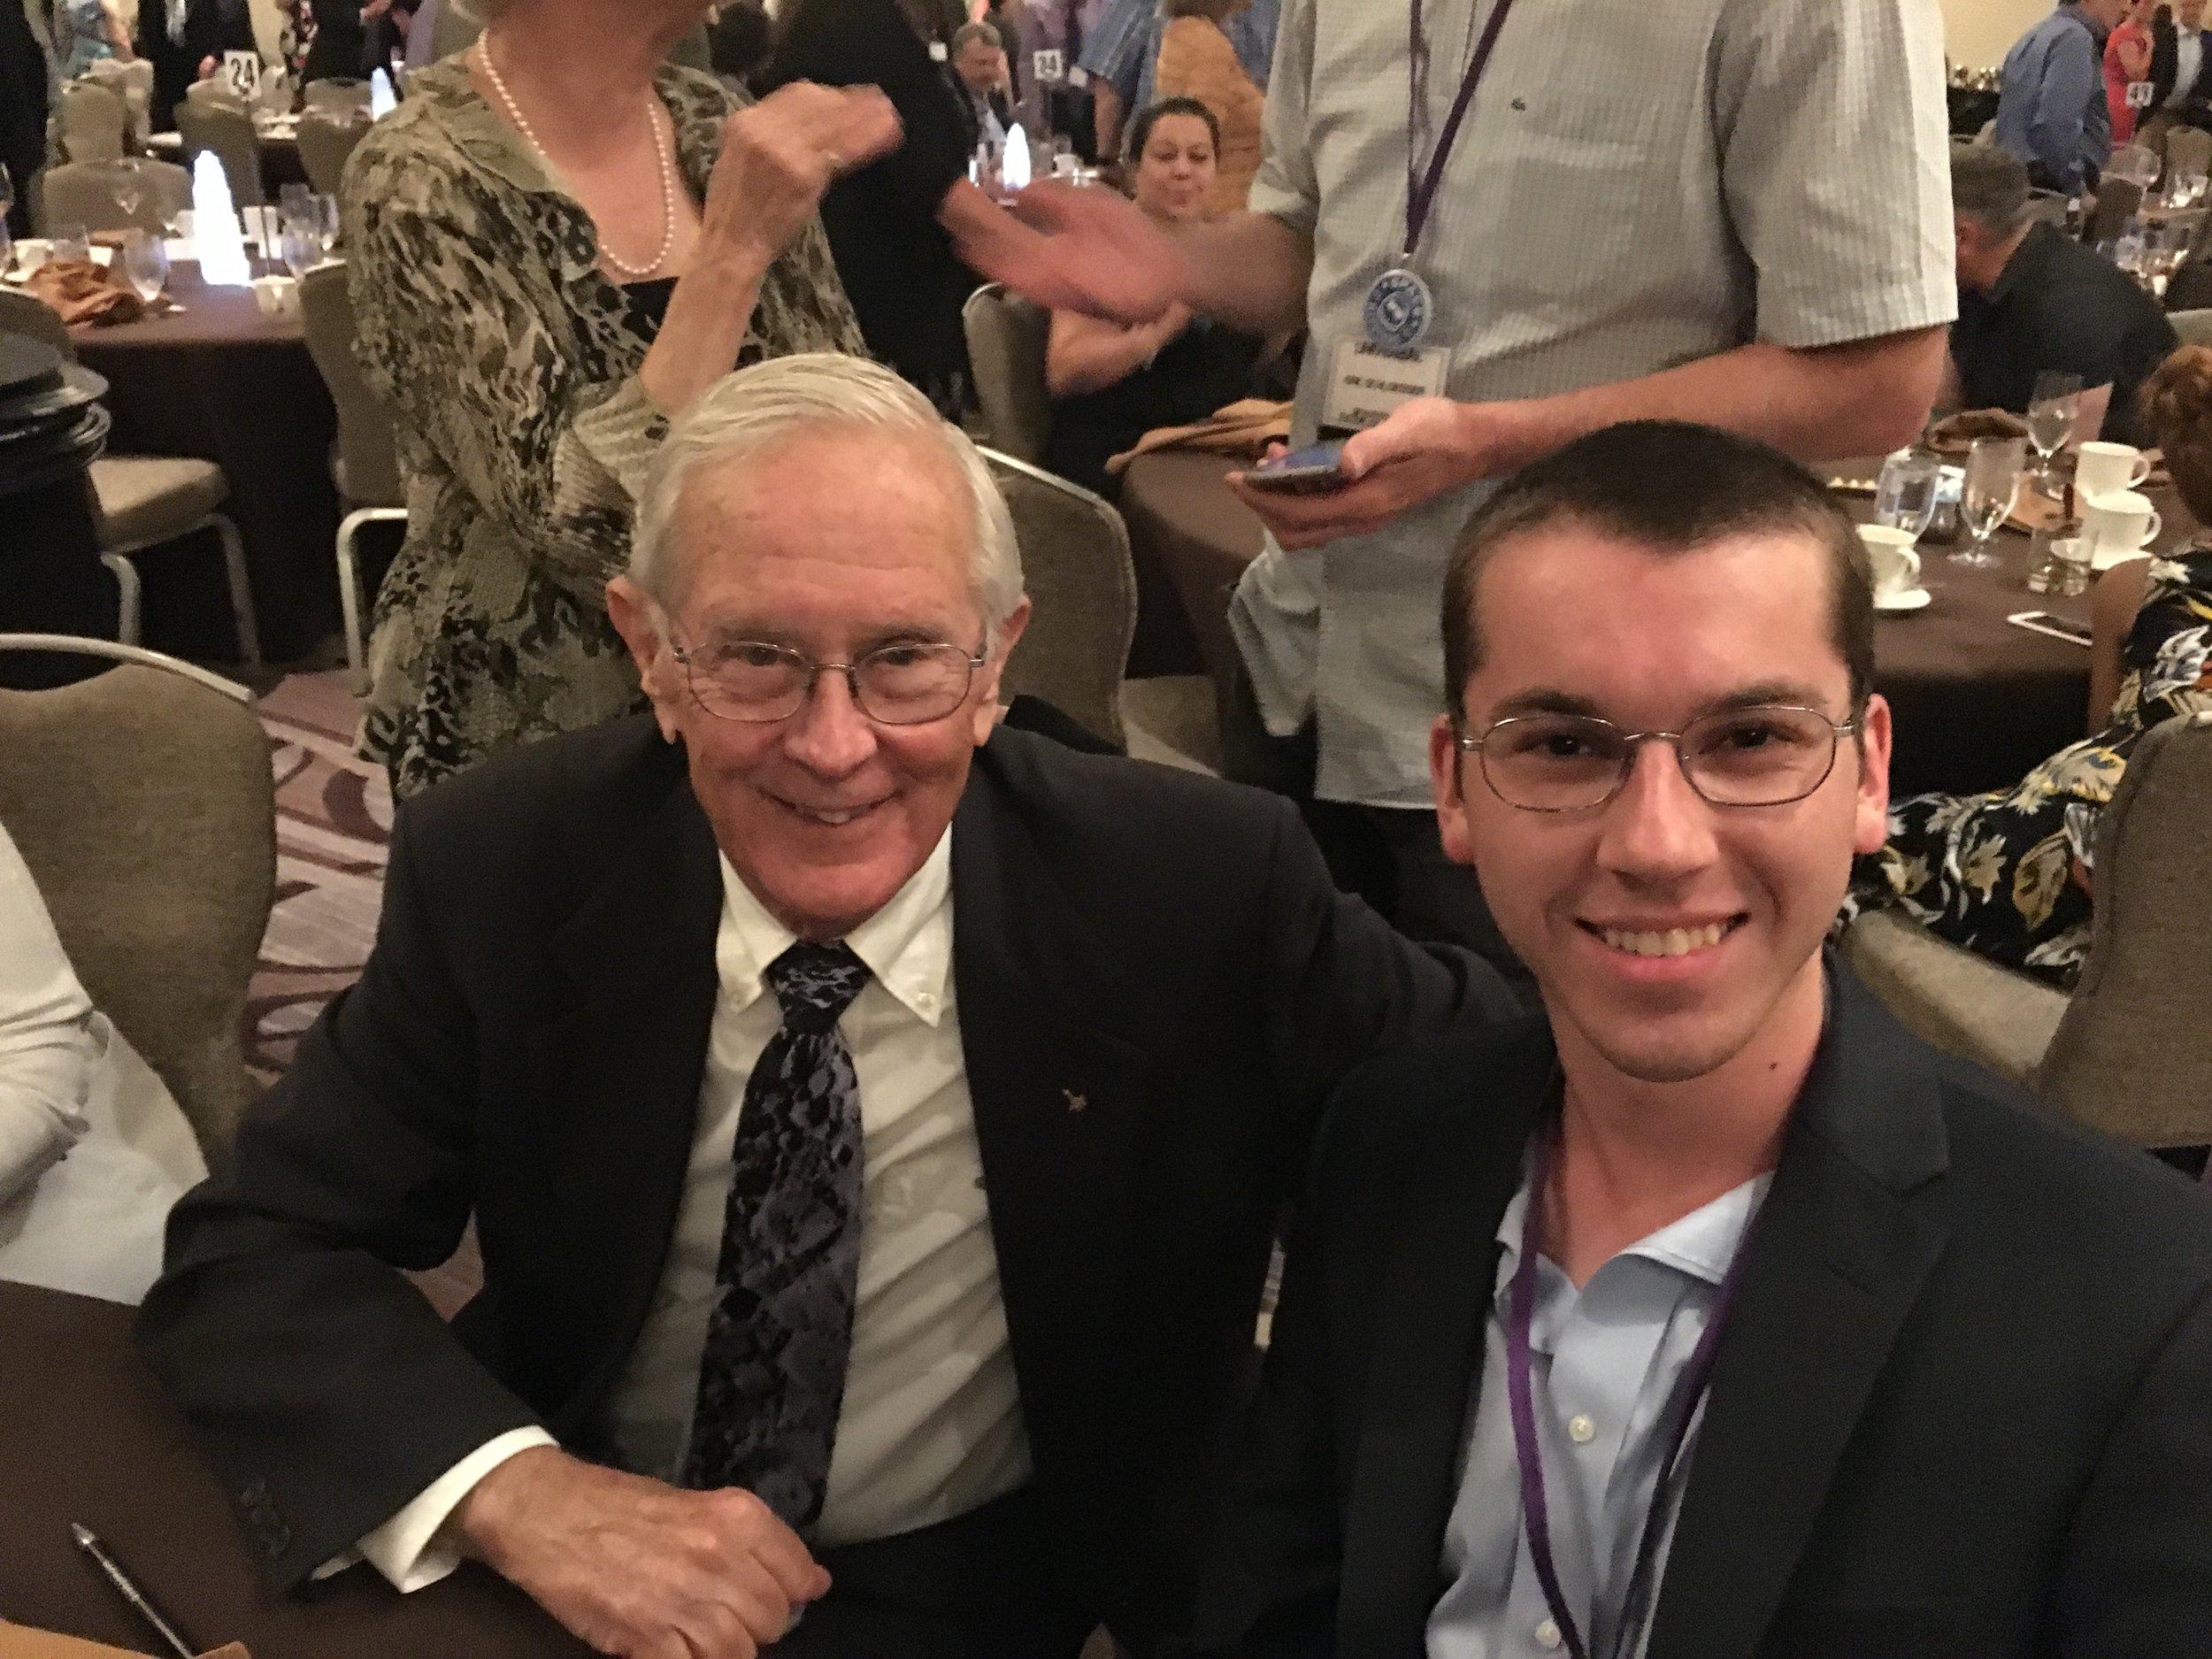 with Charlie Duke, Apollo 16 Lunar Module Pilot.